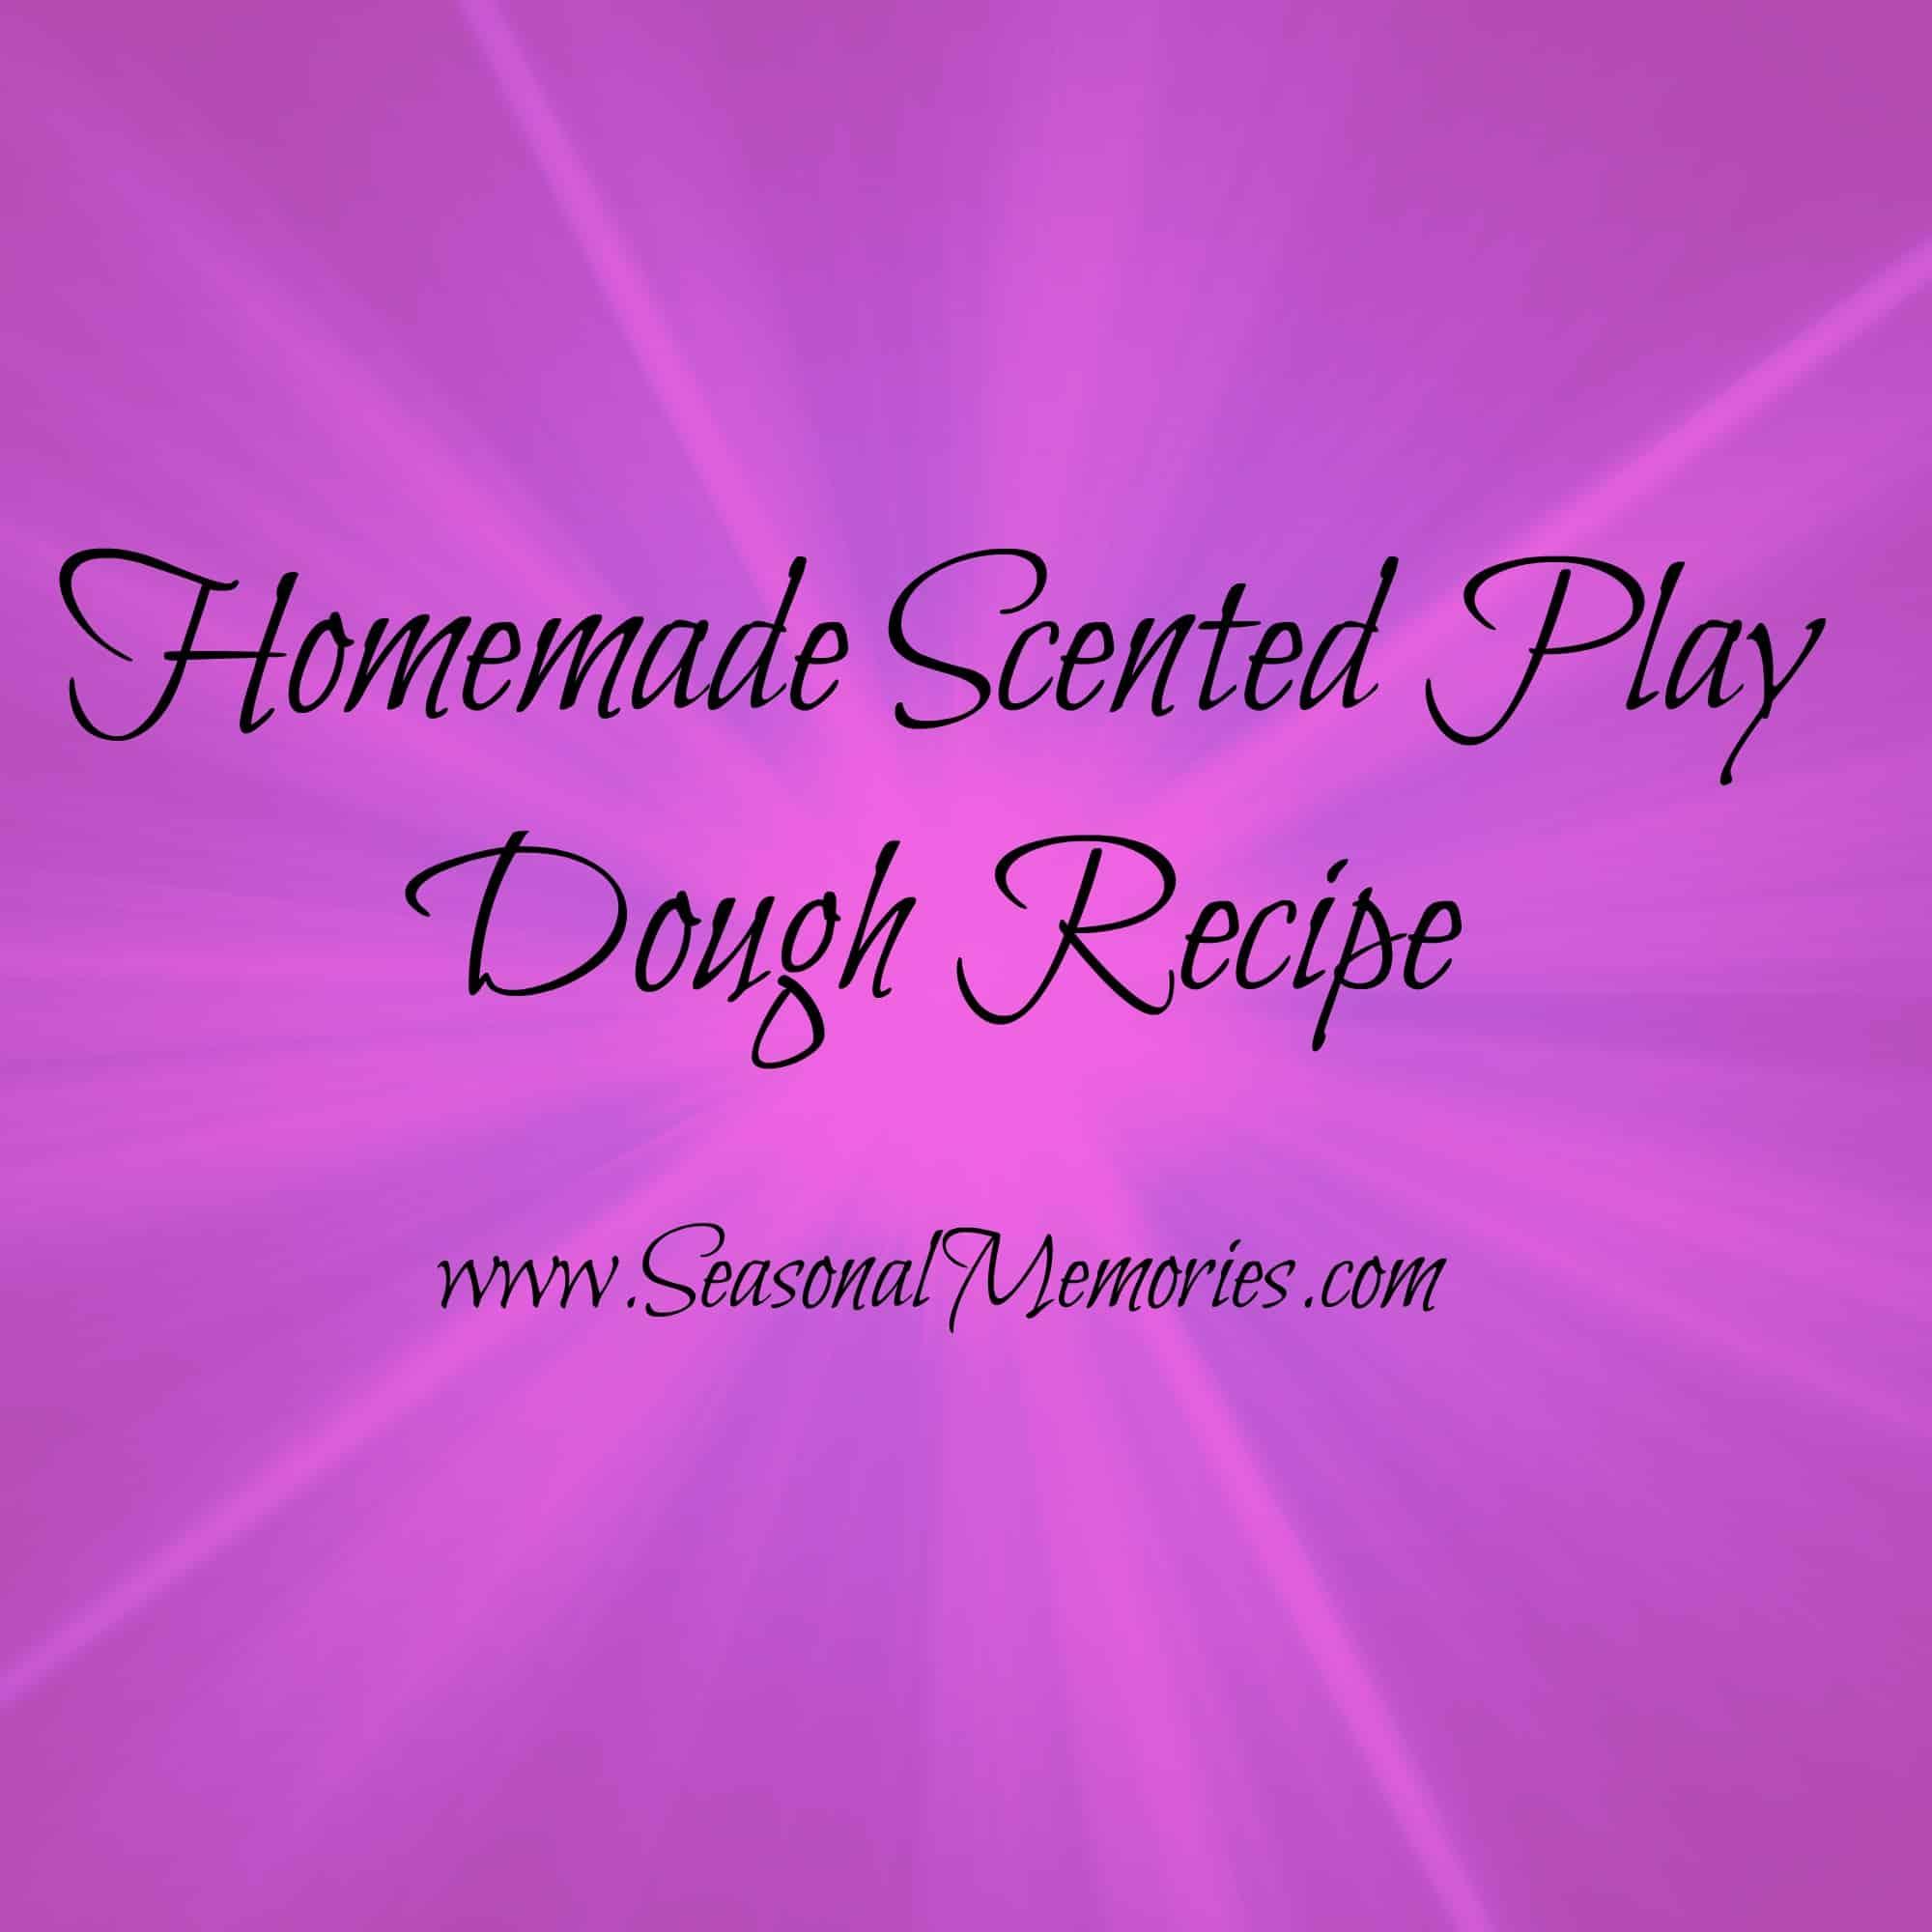 Homemade Scented Play Dough Recipe